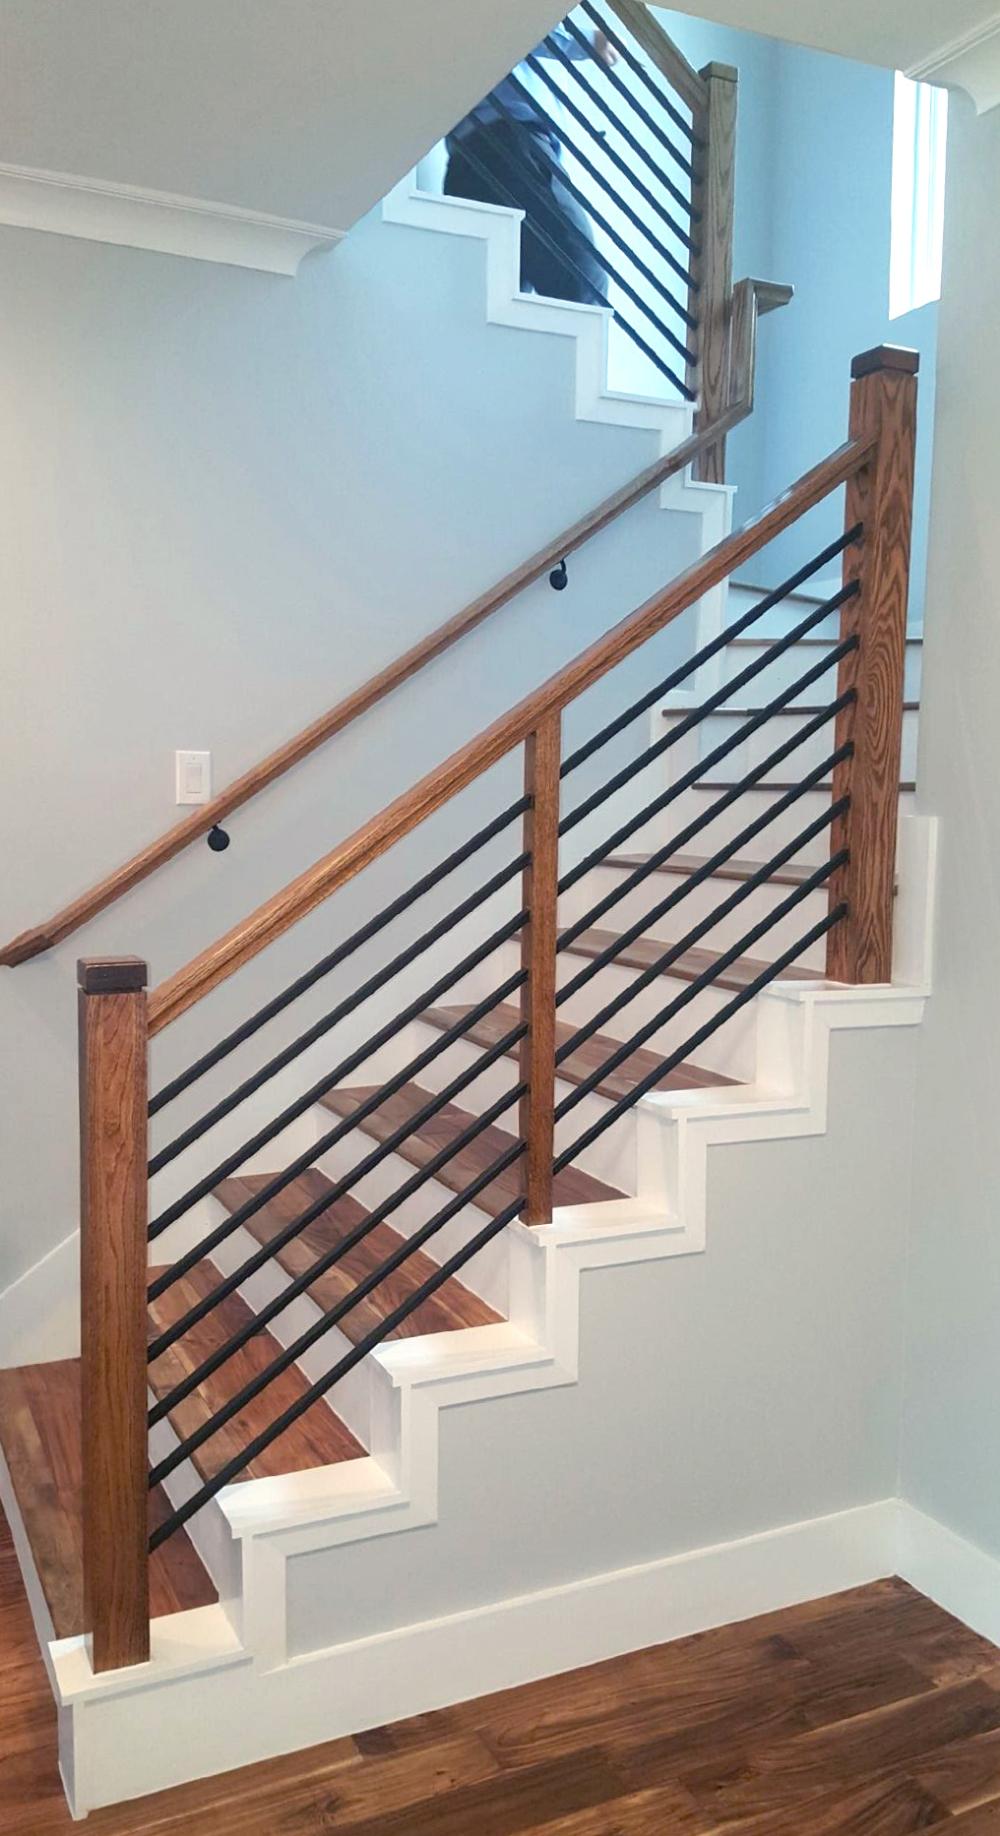 Horizontal Round Bar - Hollow #staircaseideas